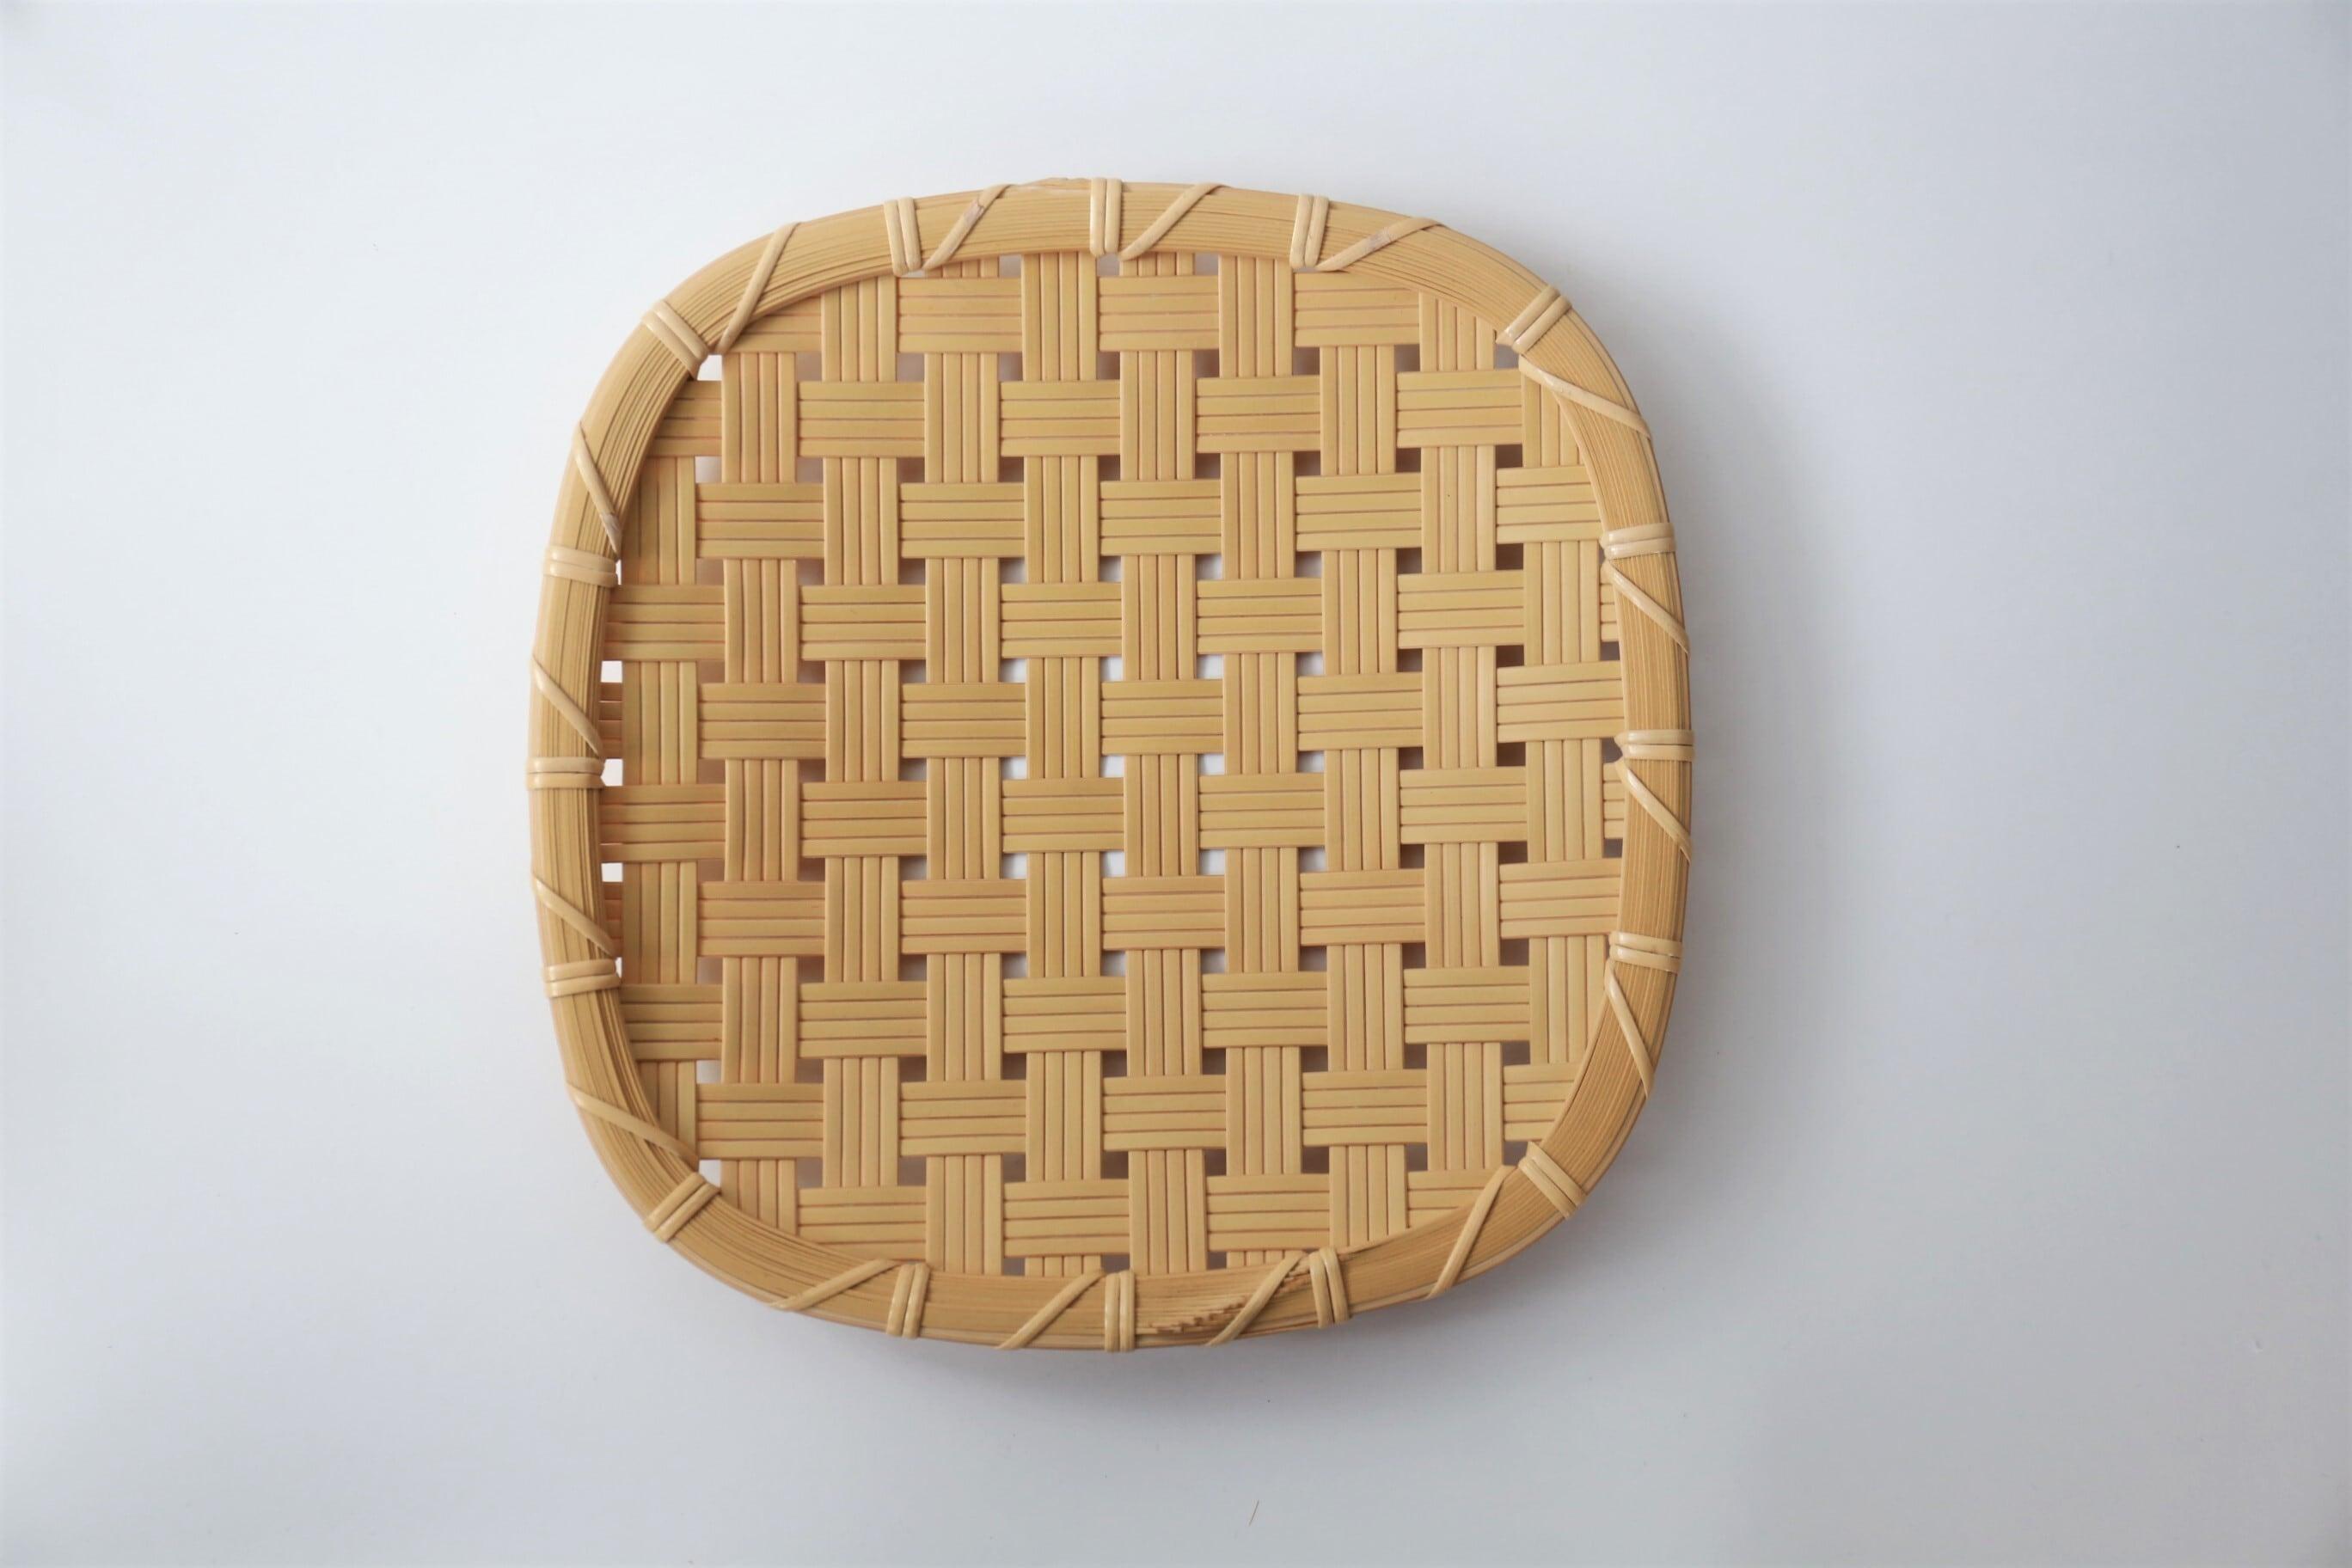 けはれ竹工房 竹製盛皿 四つ目